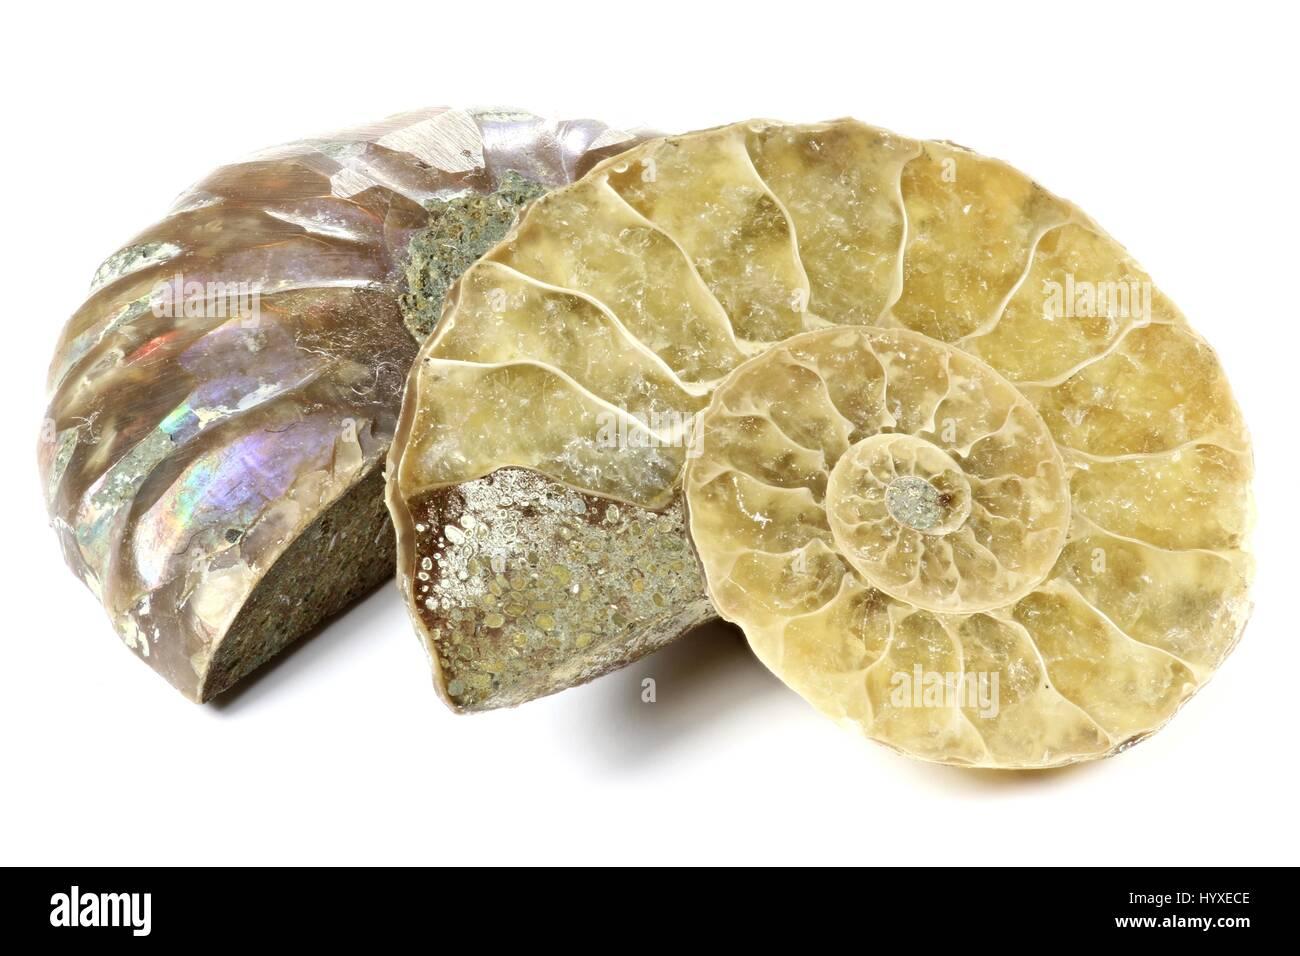 half cut ammonite isolated on white background - Stock Image